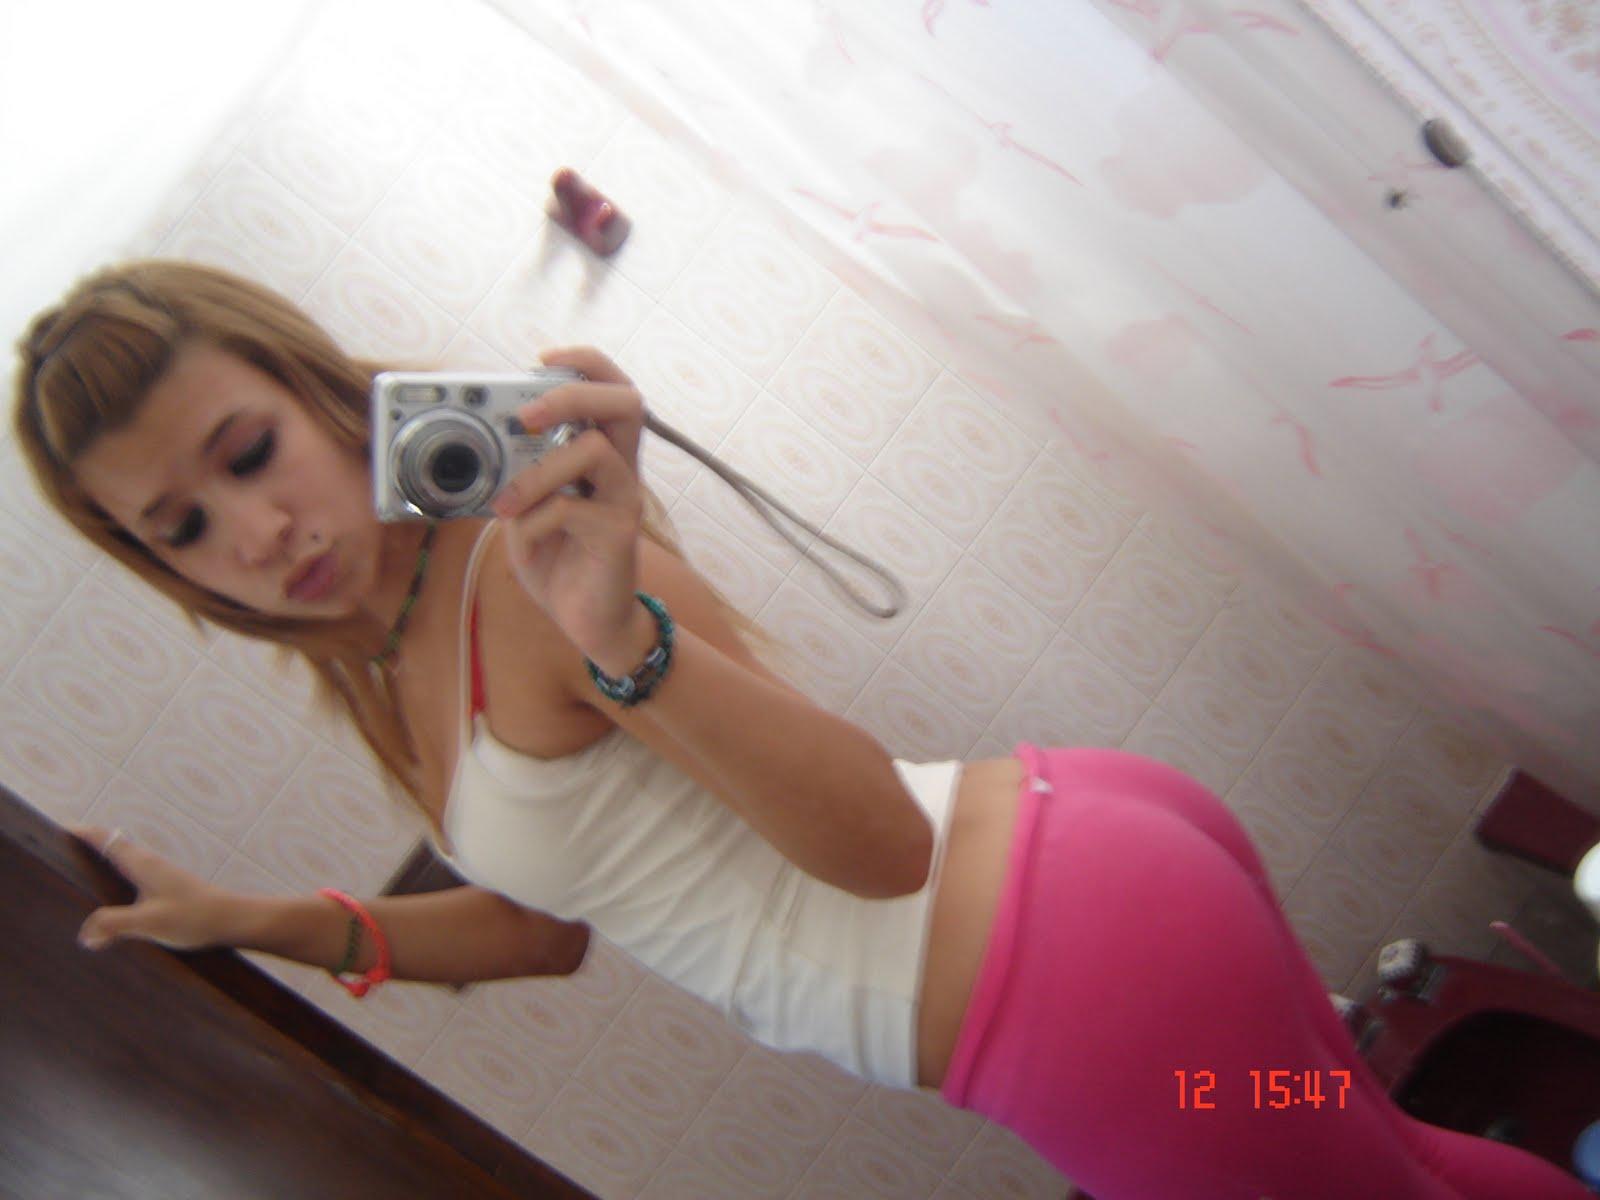 fotolog de chicas argentina: